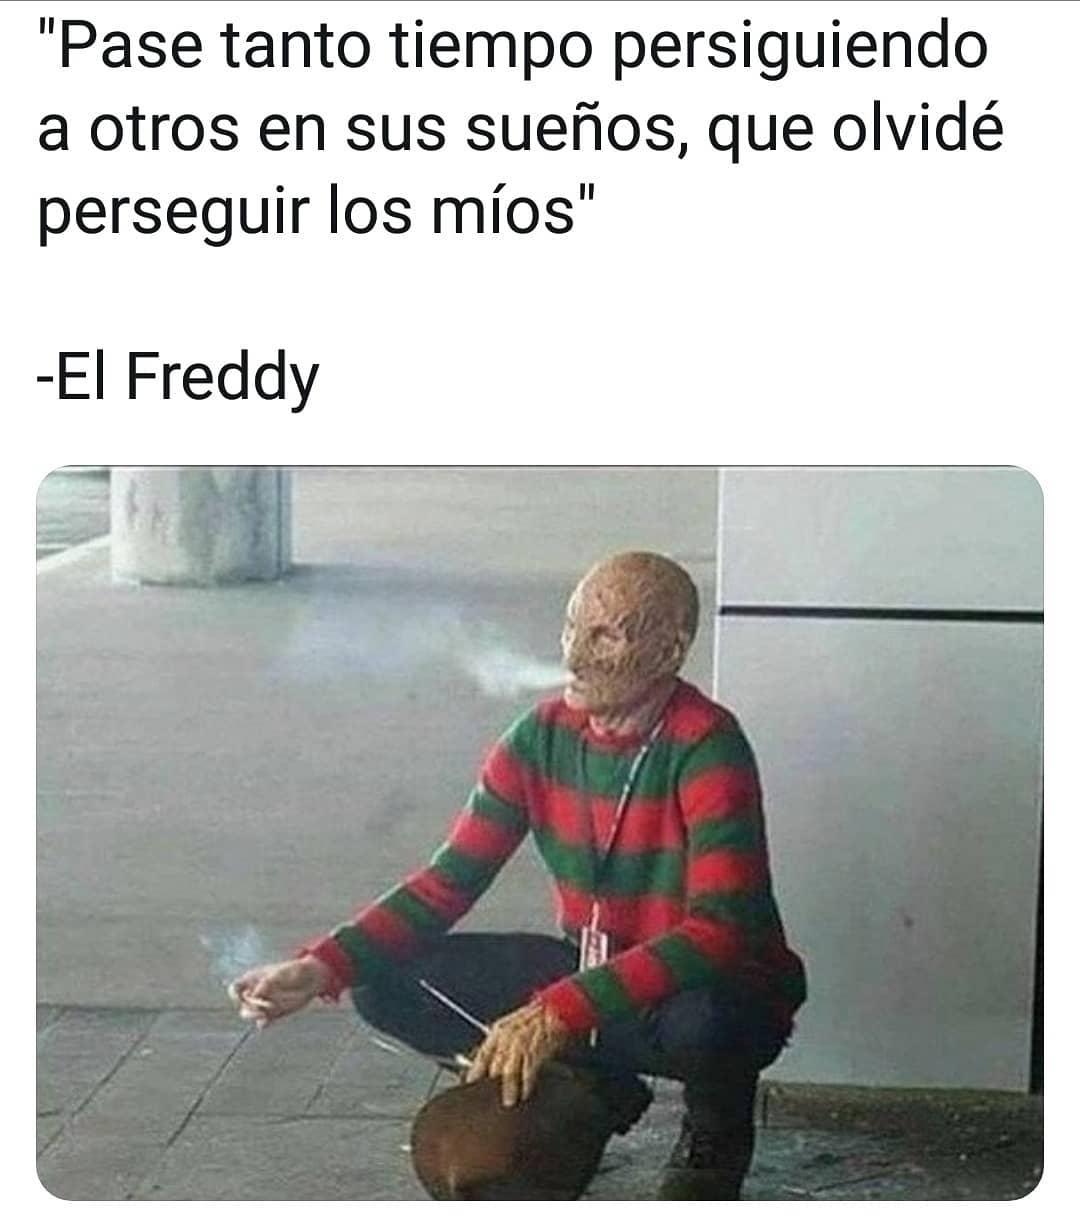 """""""Pasé tanto tiempo persiguiendo a otros en sus sueños, que olvidé perseguir los míos"""".  El Freddy."""